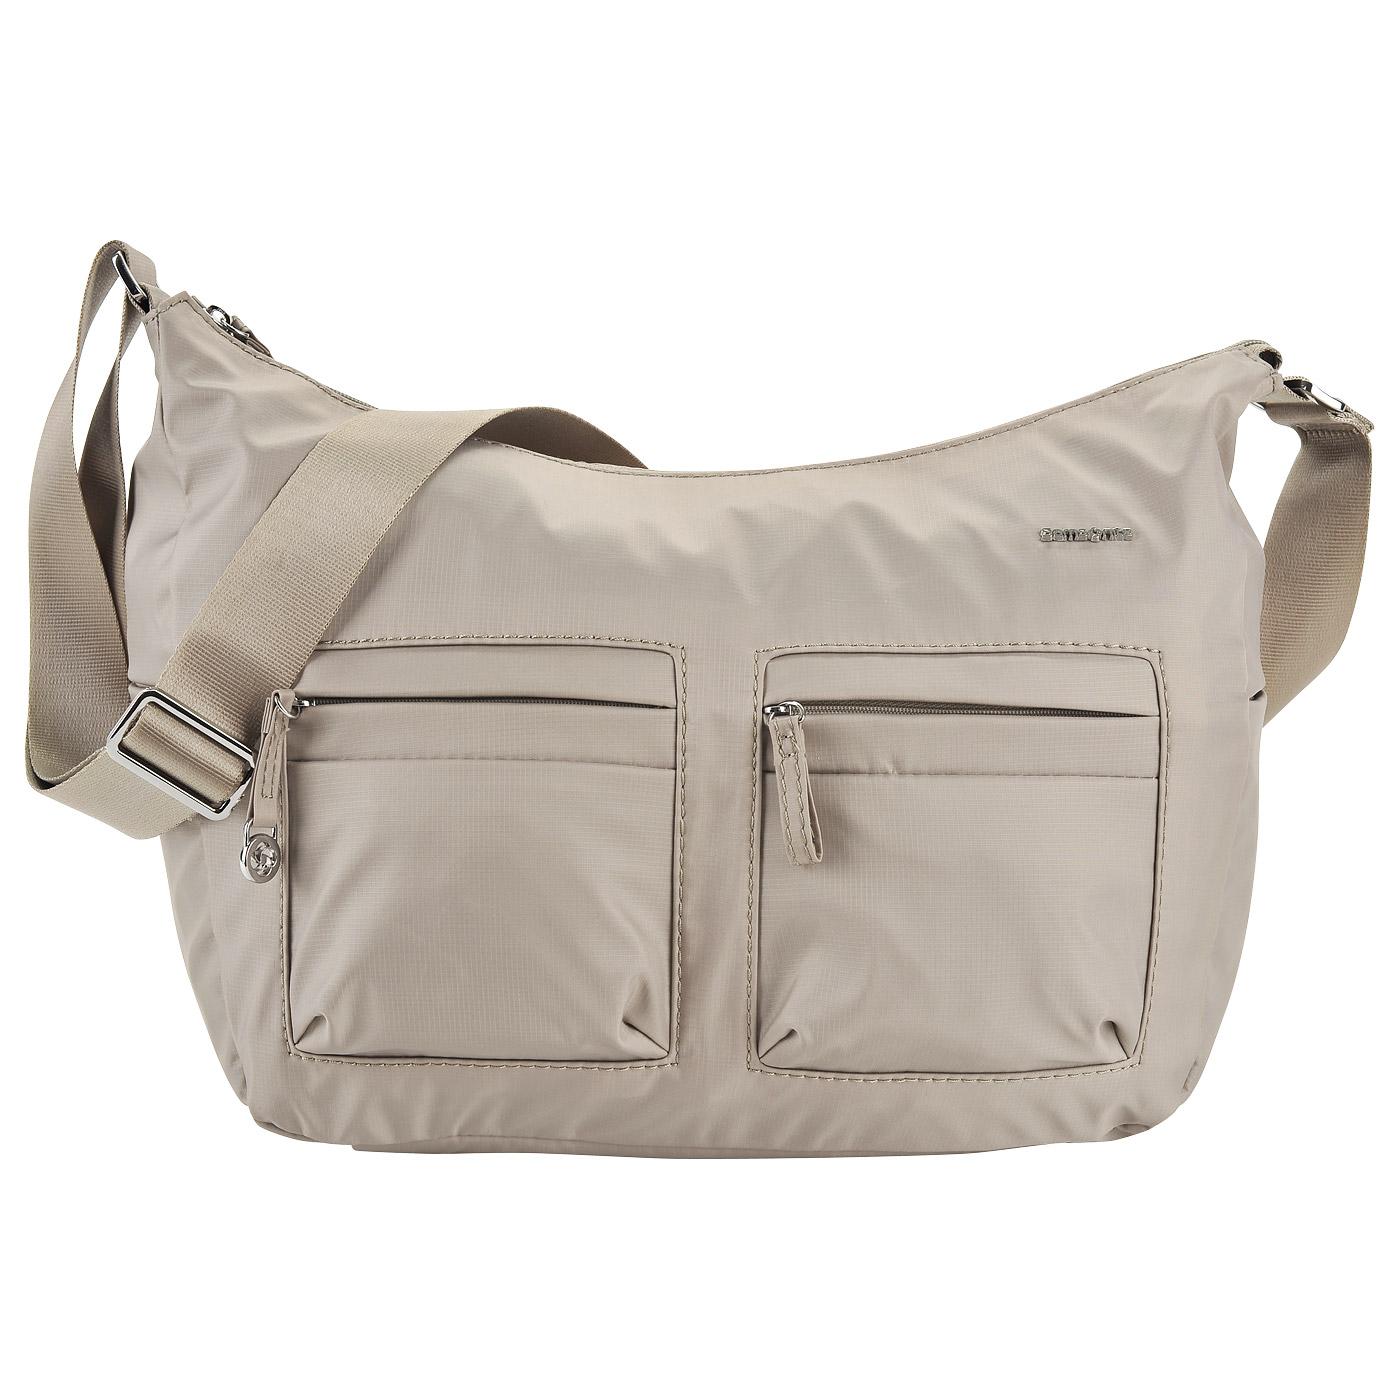 b9043d3b2af3 Женская сумка через плечо Samsonite Move Женская сумка через плечо  Samsonite Move ...